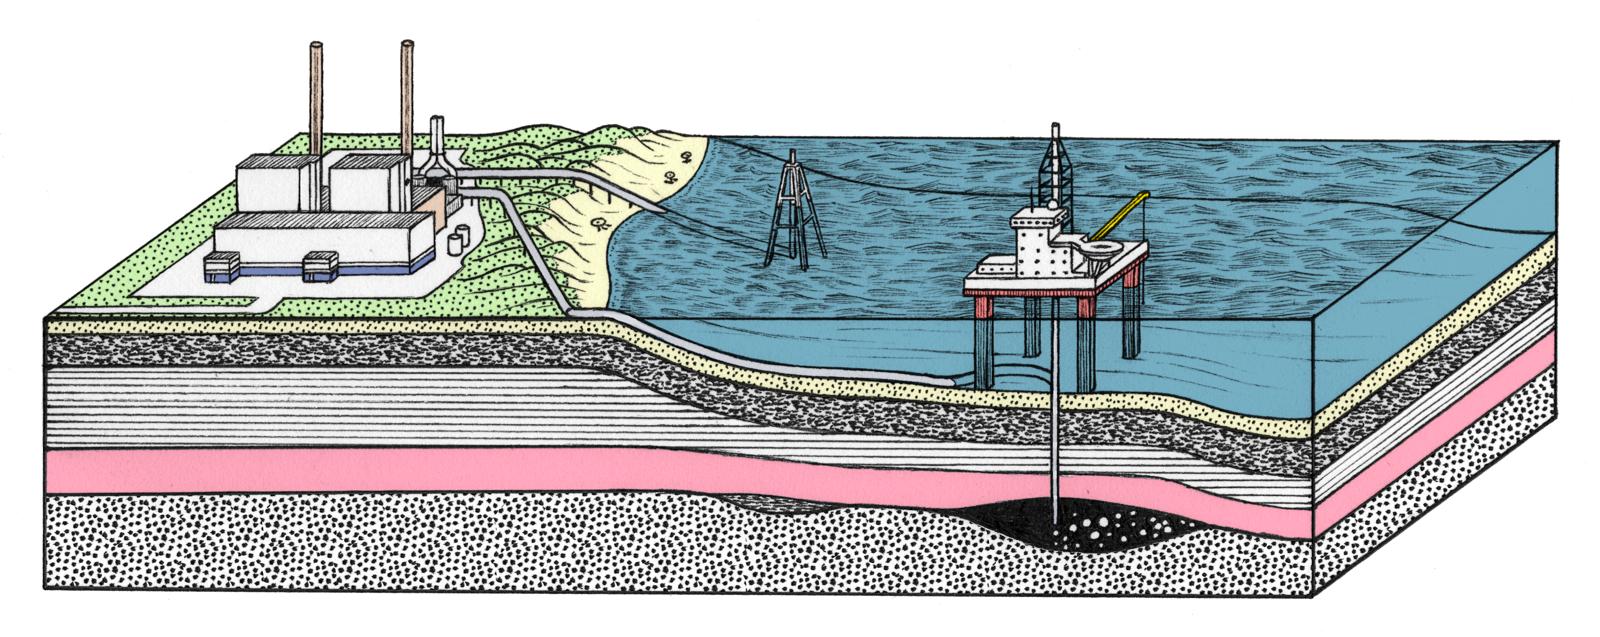 De IPCC is positief over de techniek waarbij CO2 uit de atmosfeer wordt gehaald en diep in de oceaan, de aardbodem of elders wordt opgeslagen. Illustratie: Tim Enthoven